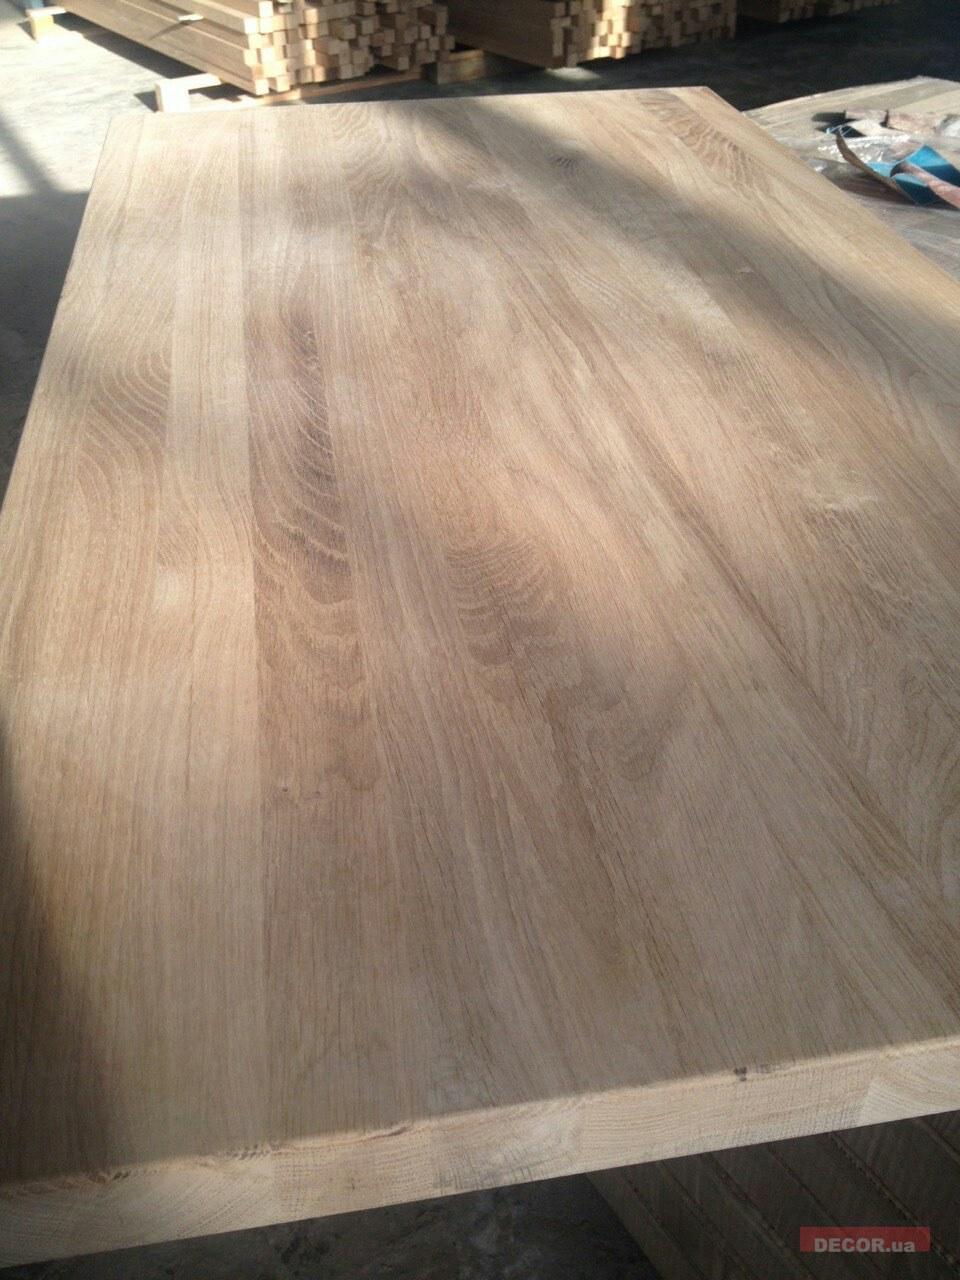 Цельноламельный мебельный щит из дуба, купить по цене